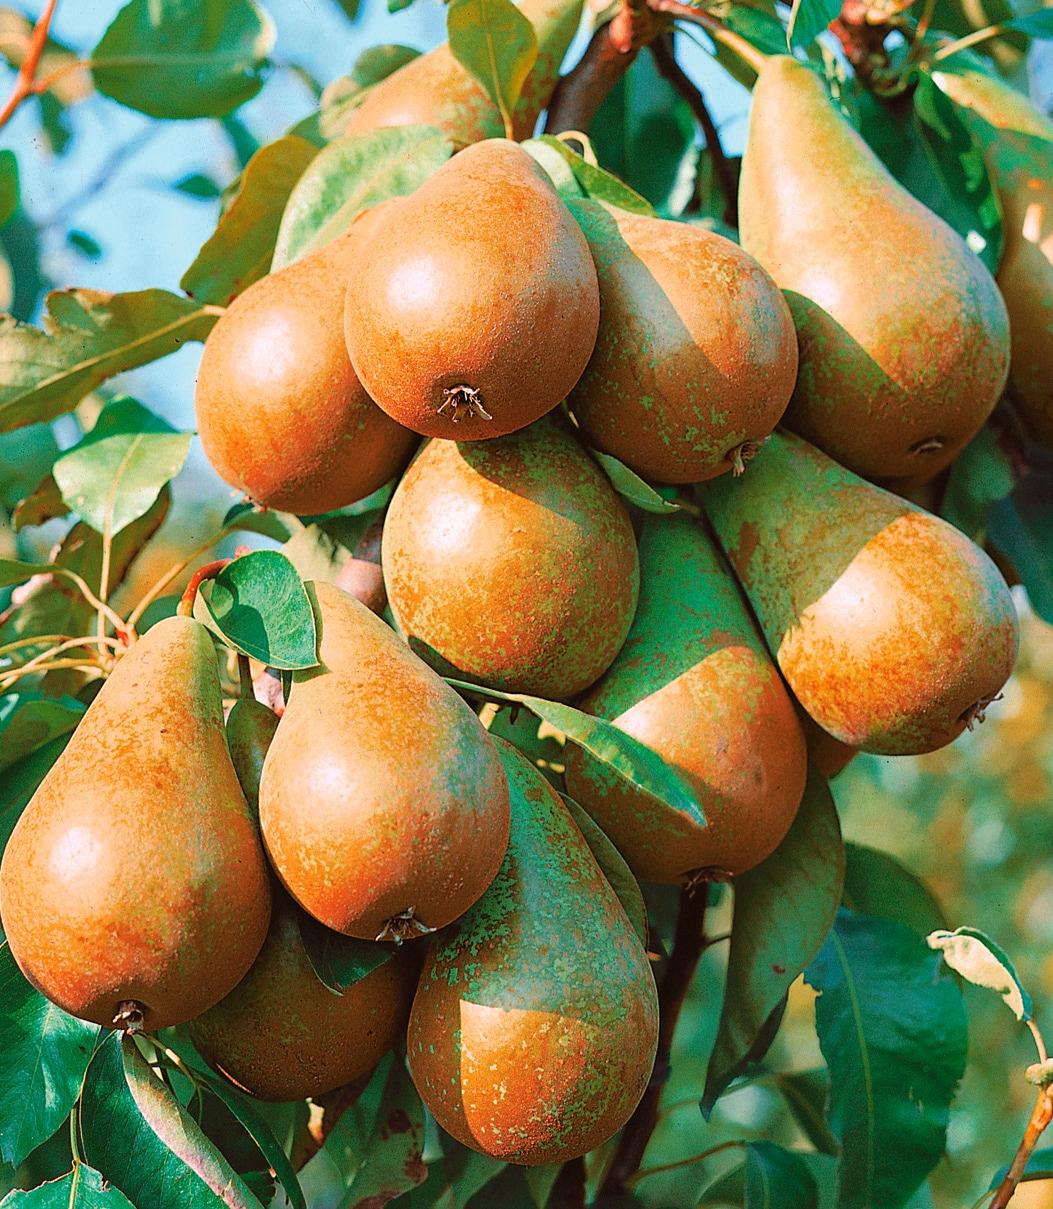 BCM Obstbaum Zwerg-Birne Condo grün Obst Pflanzen Garten Balkon